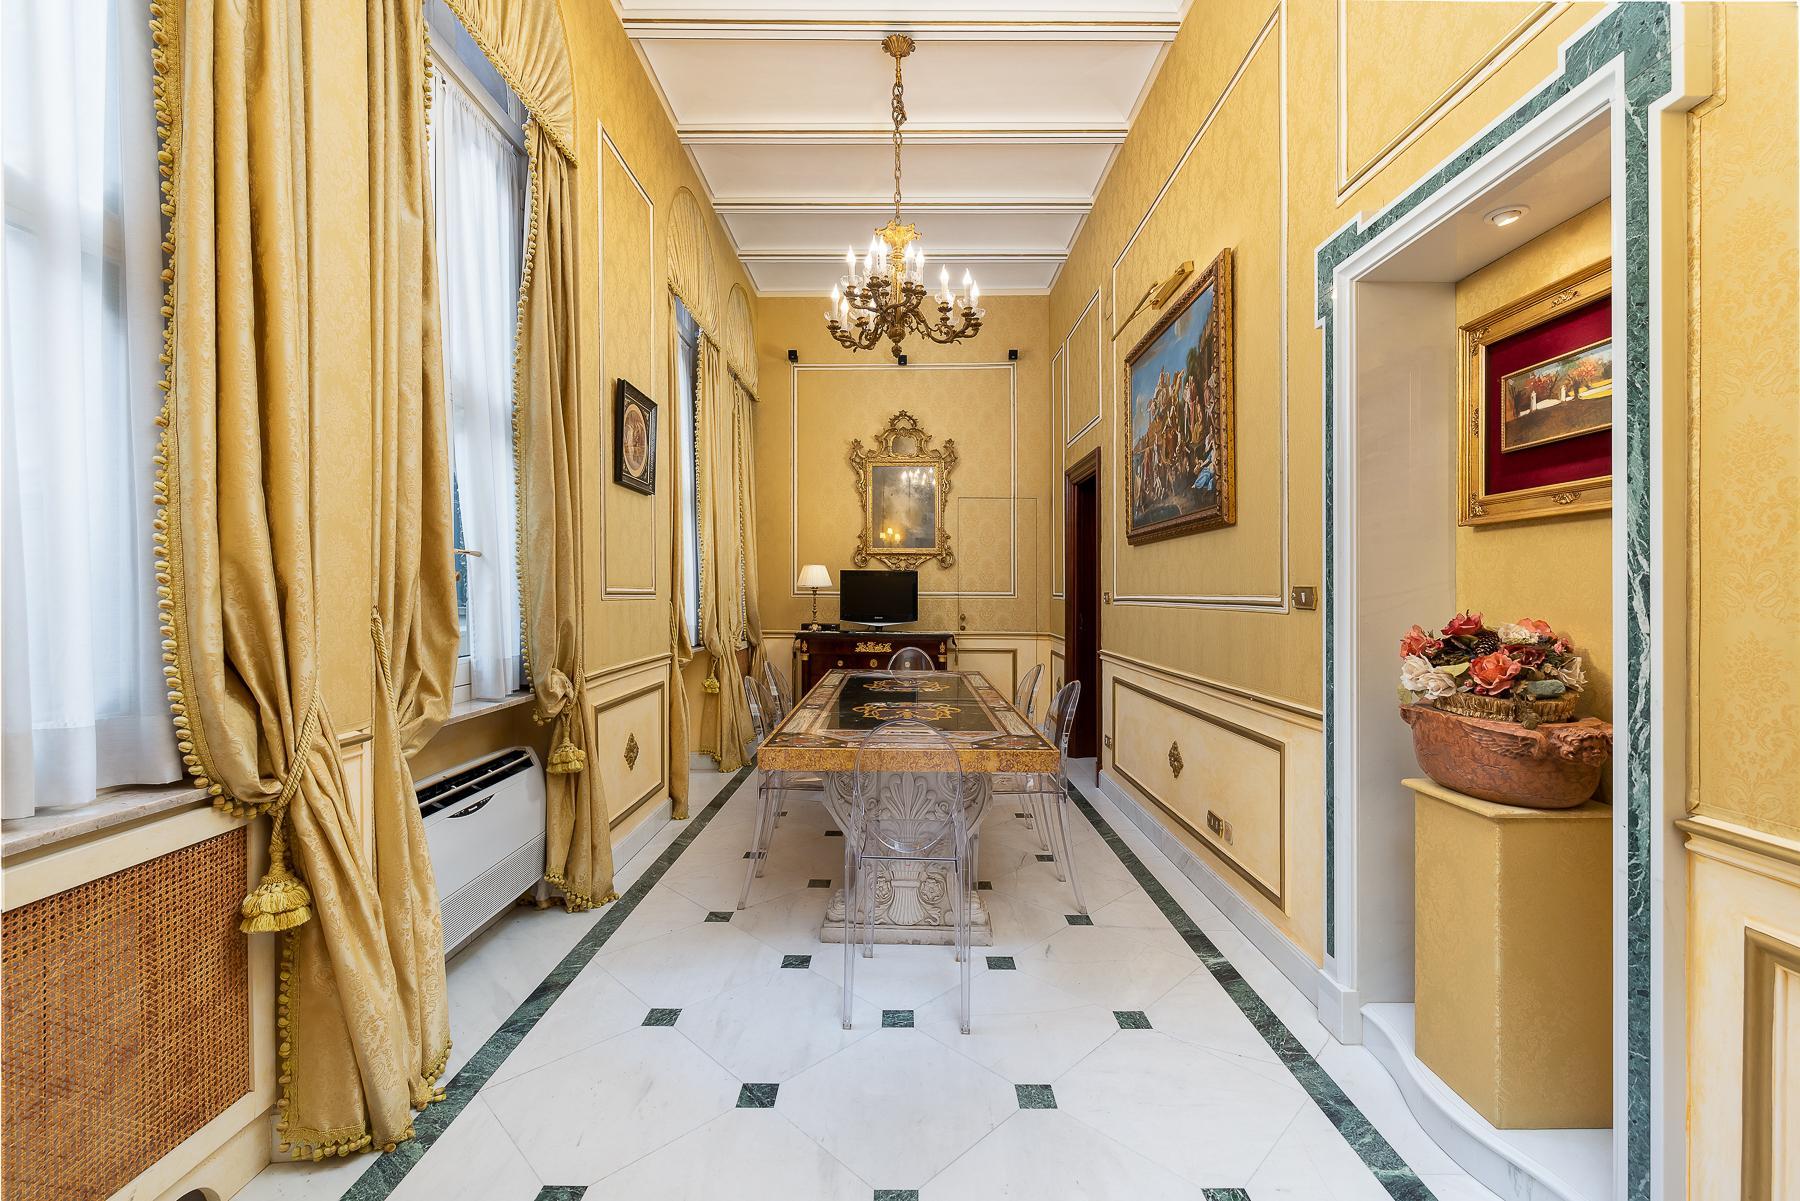 Роскошная квартира с большой террасой  в элегантном здании начала 900 года - 5